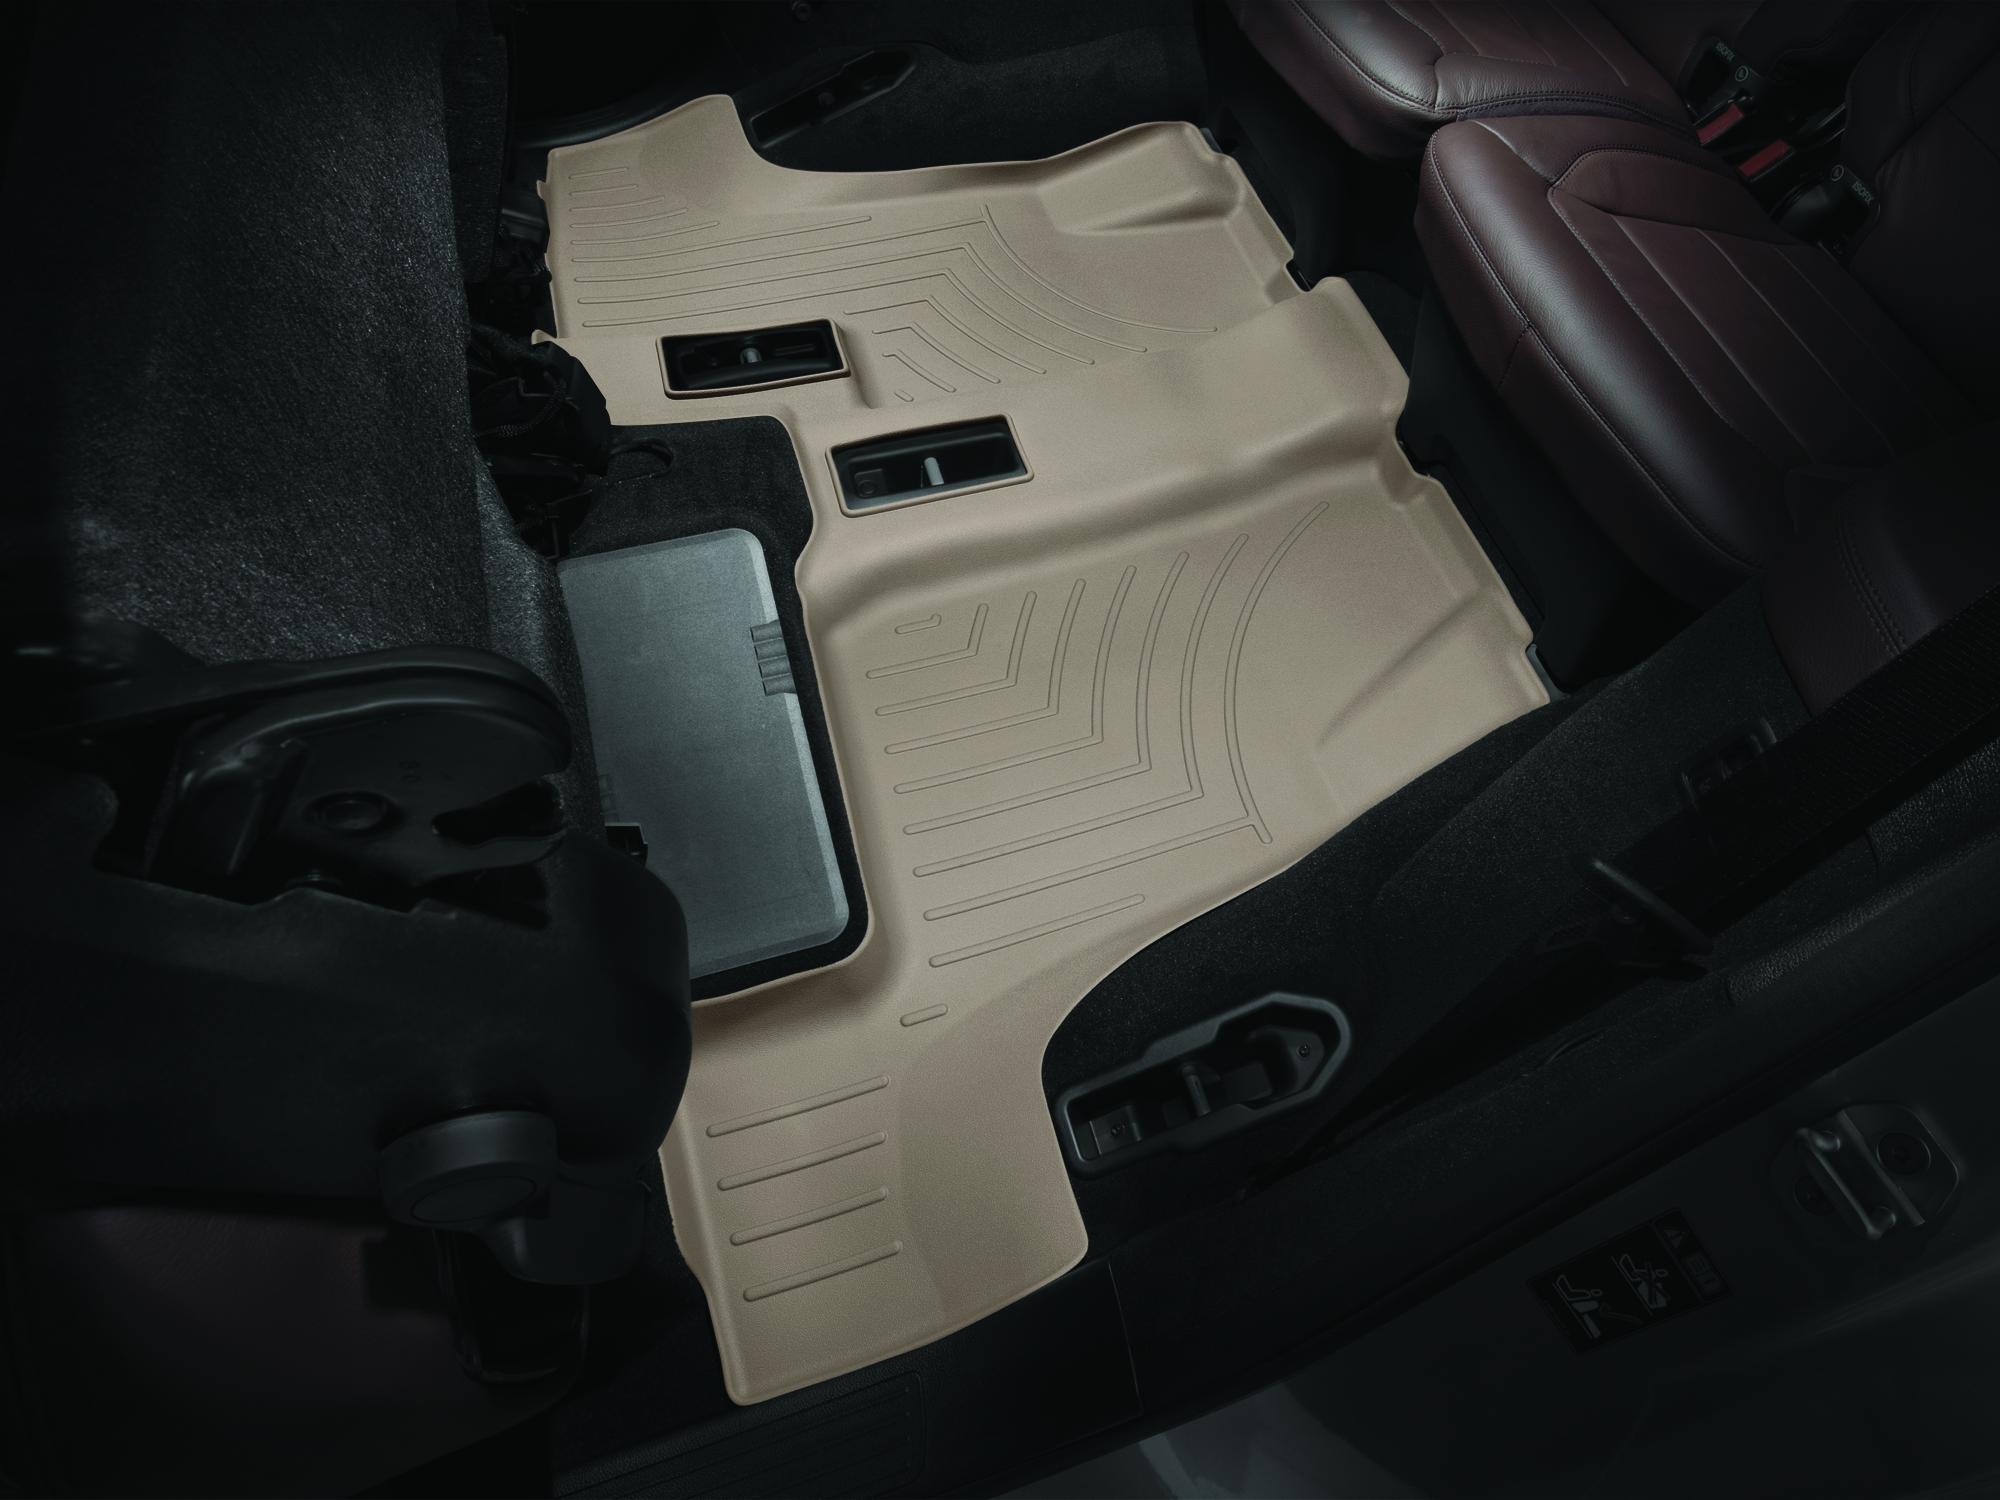 Tappeti gomma su misura bordo alto Mercedes GLS-Class 15>17 Marrone A2514